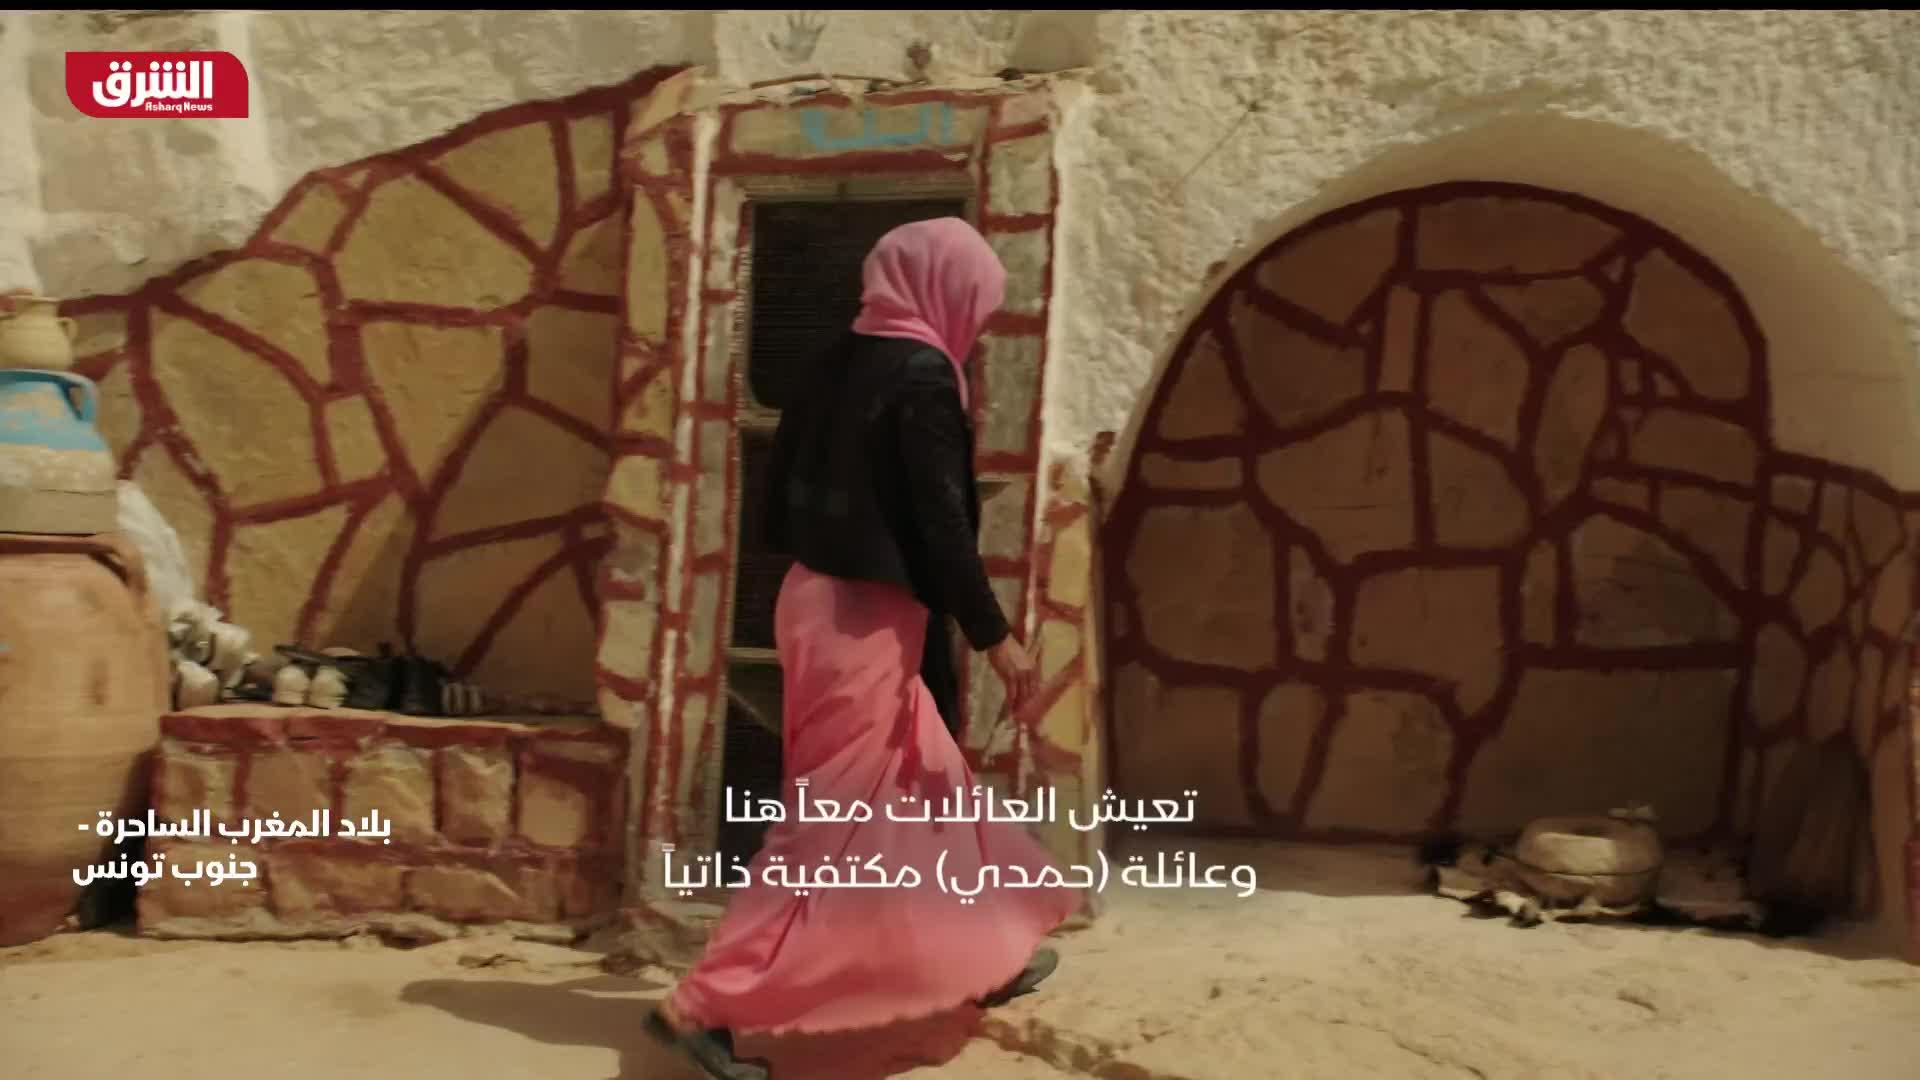 بلاد المغرب الساحرة - جنوب تونس